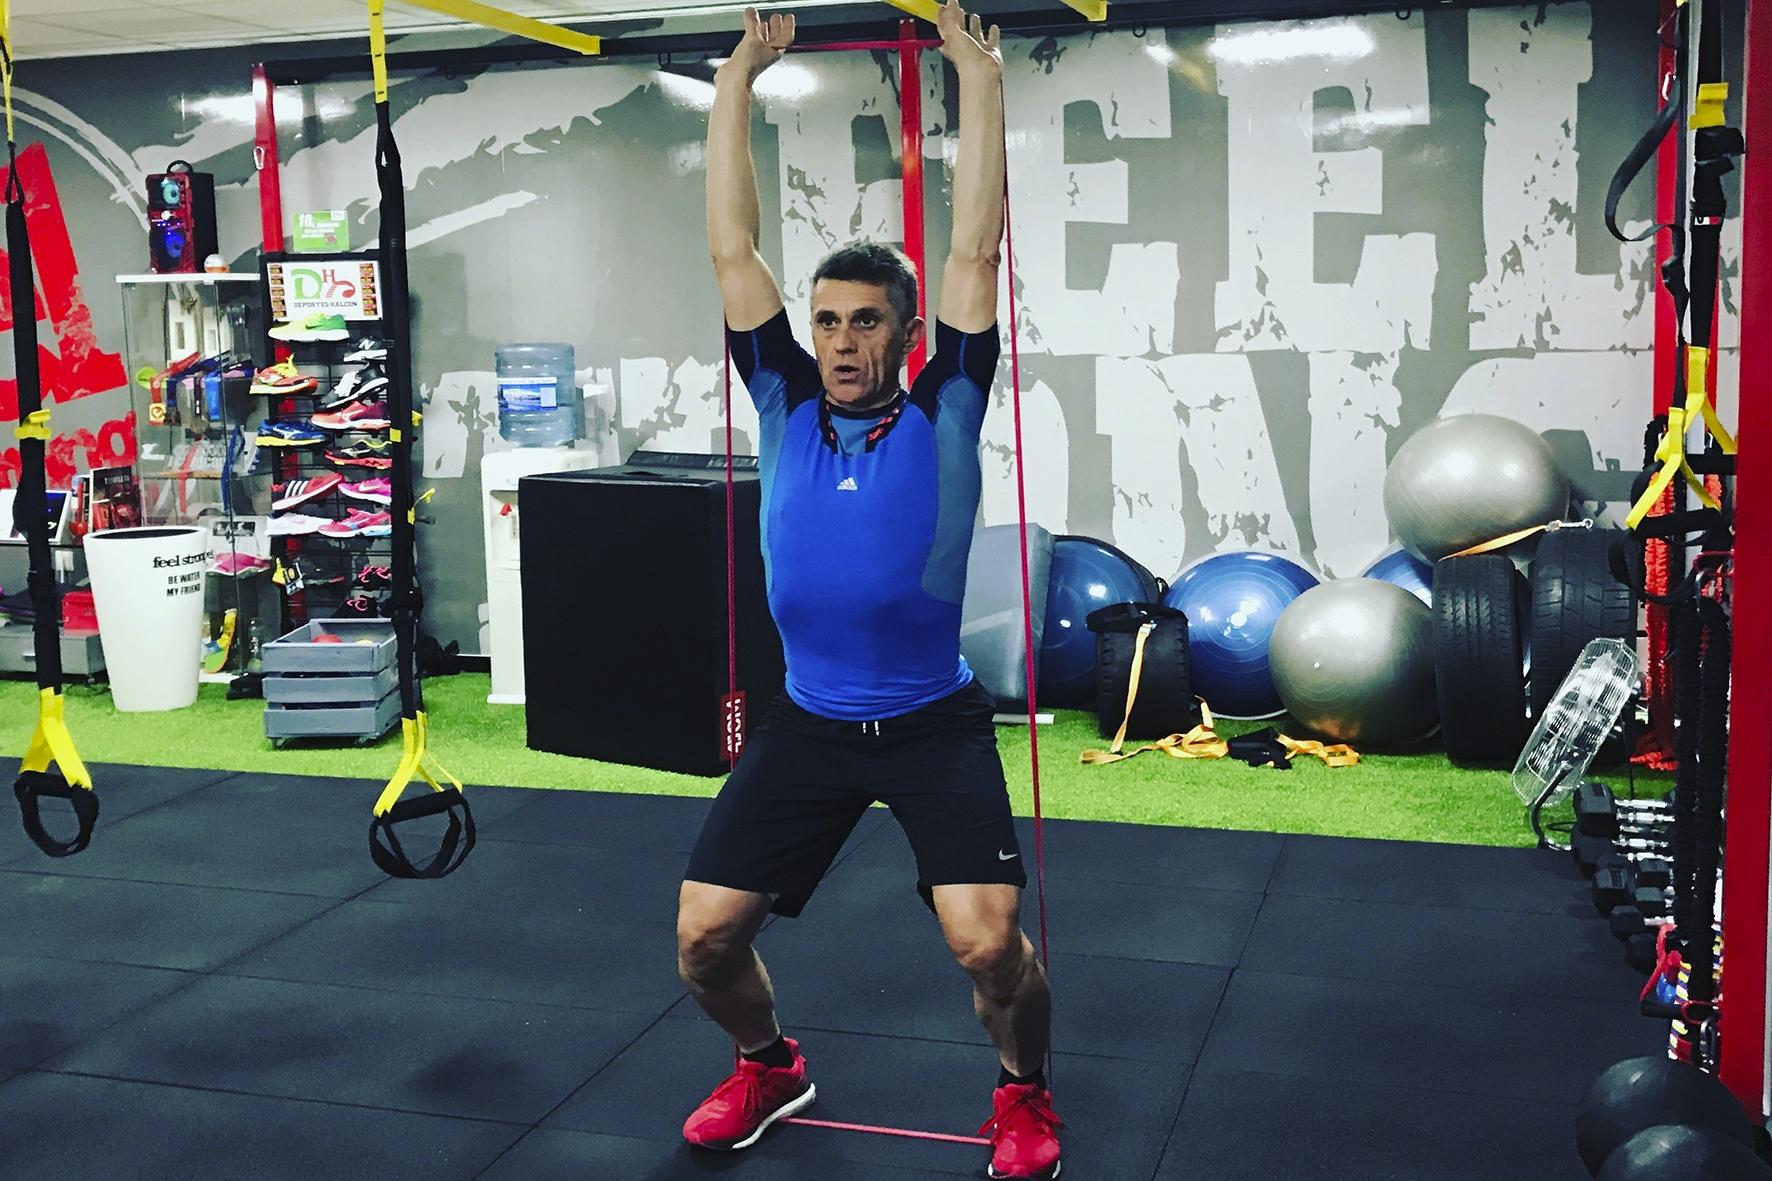 Entrenamiento Funcional 2 Feel Strong Sienttfuerte Sala de entrenamiento en Navalcarnero Madrid